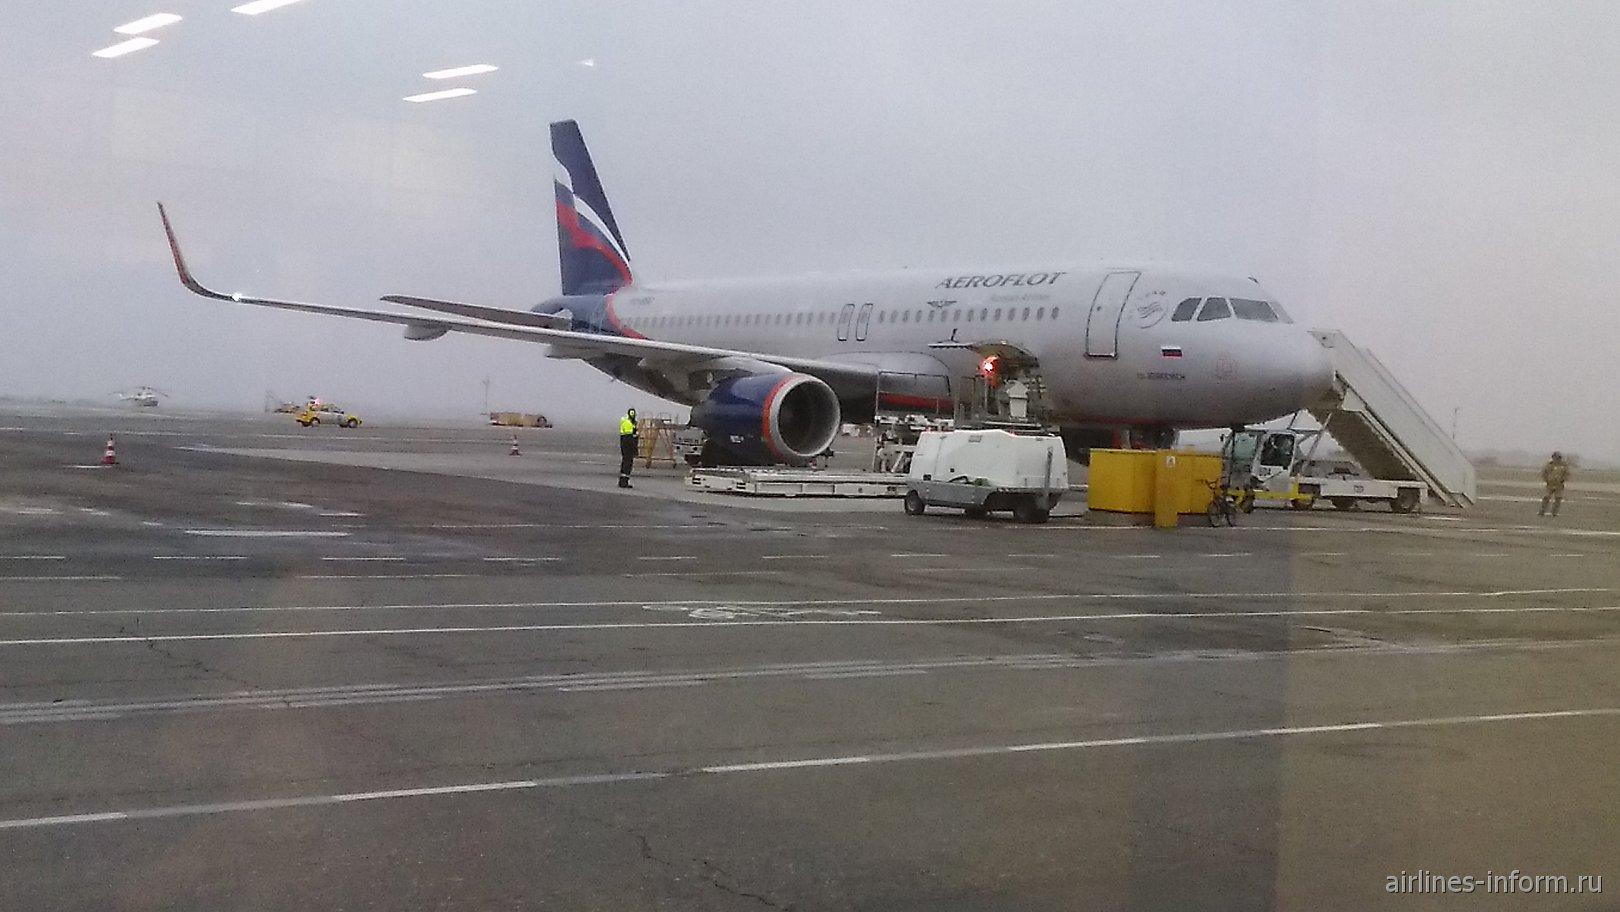 Перелёт Симферополь - Москва